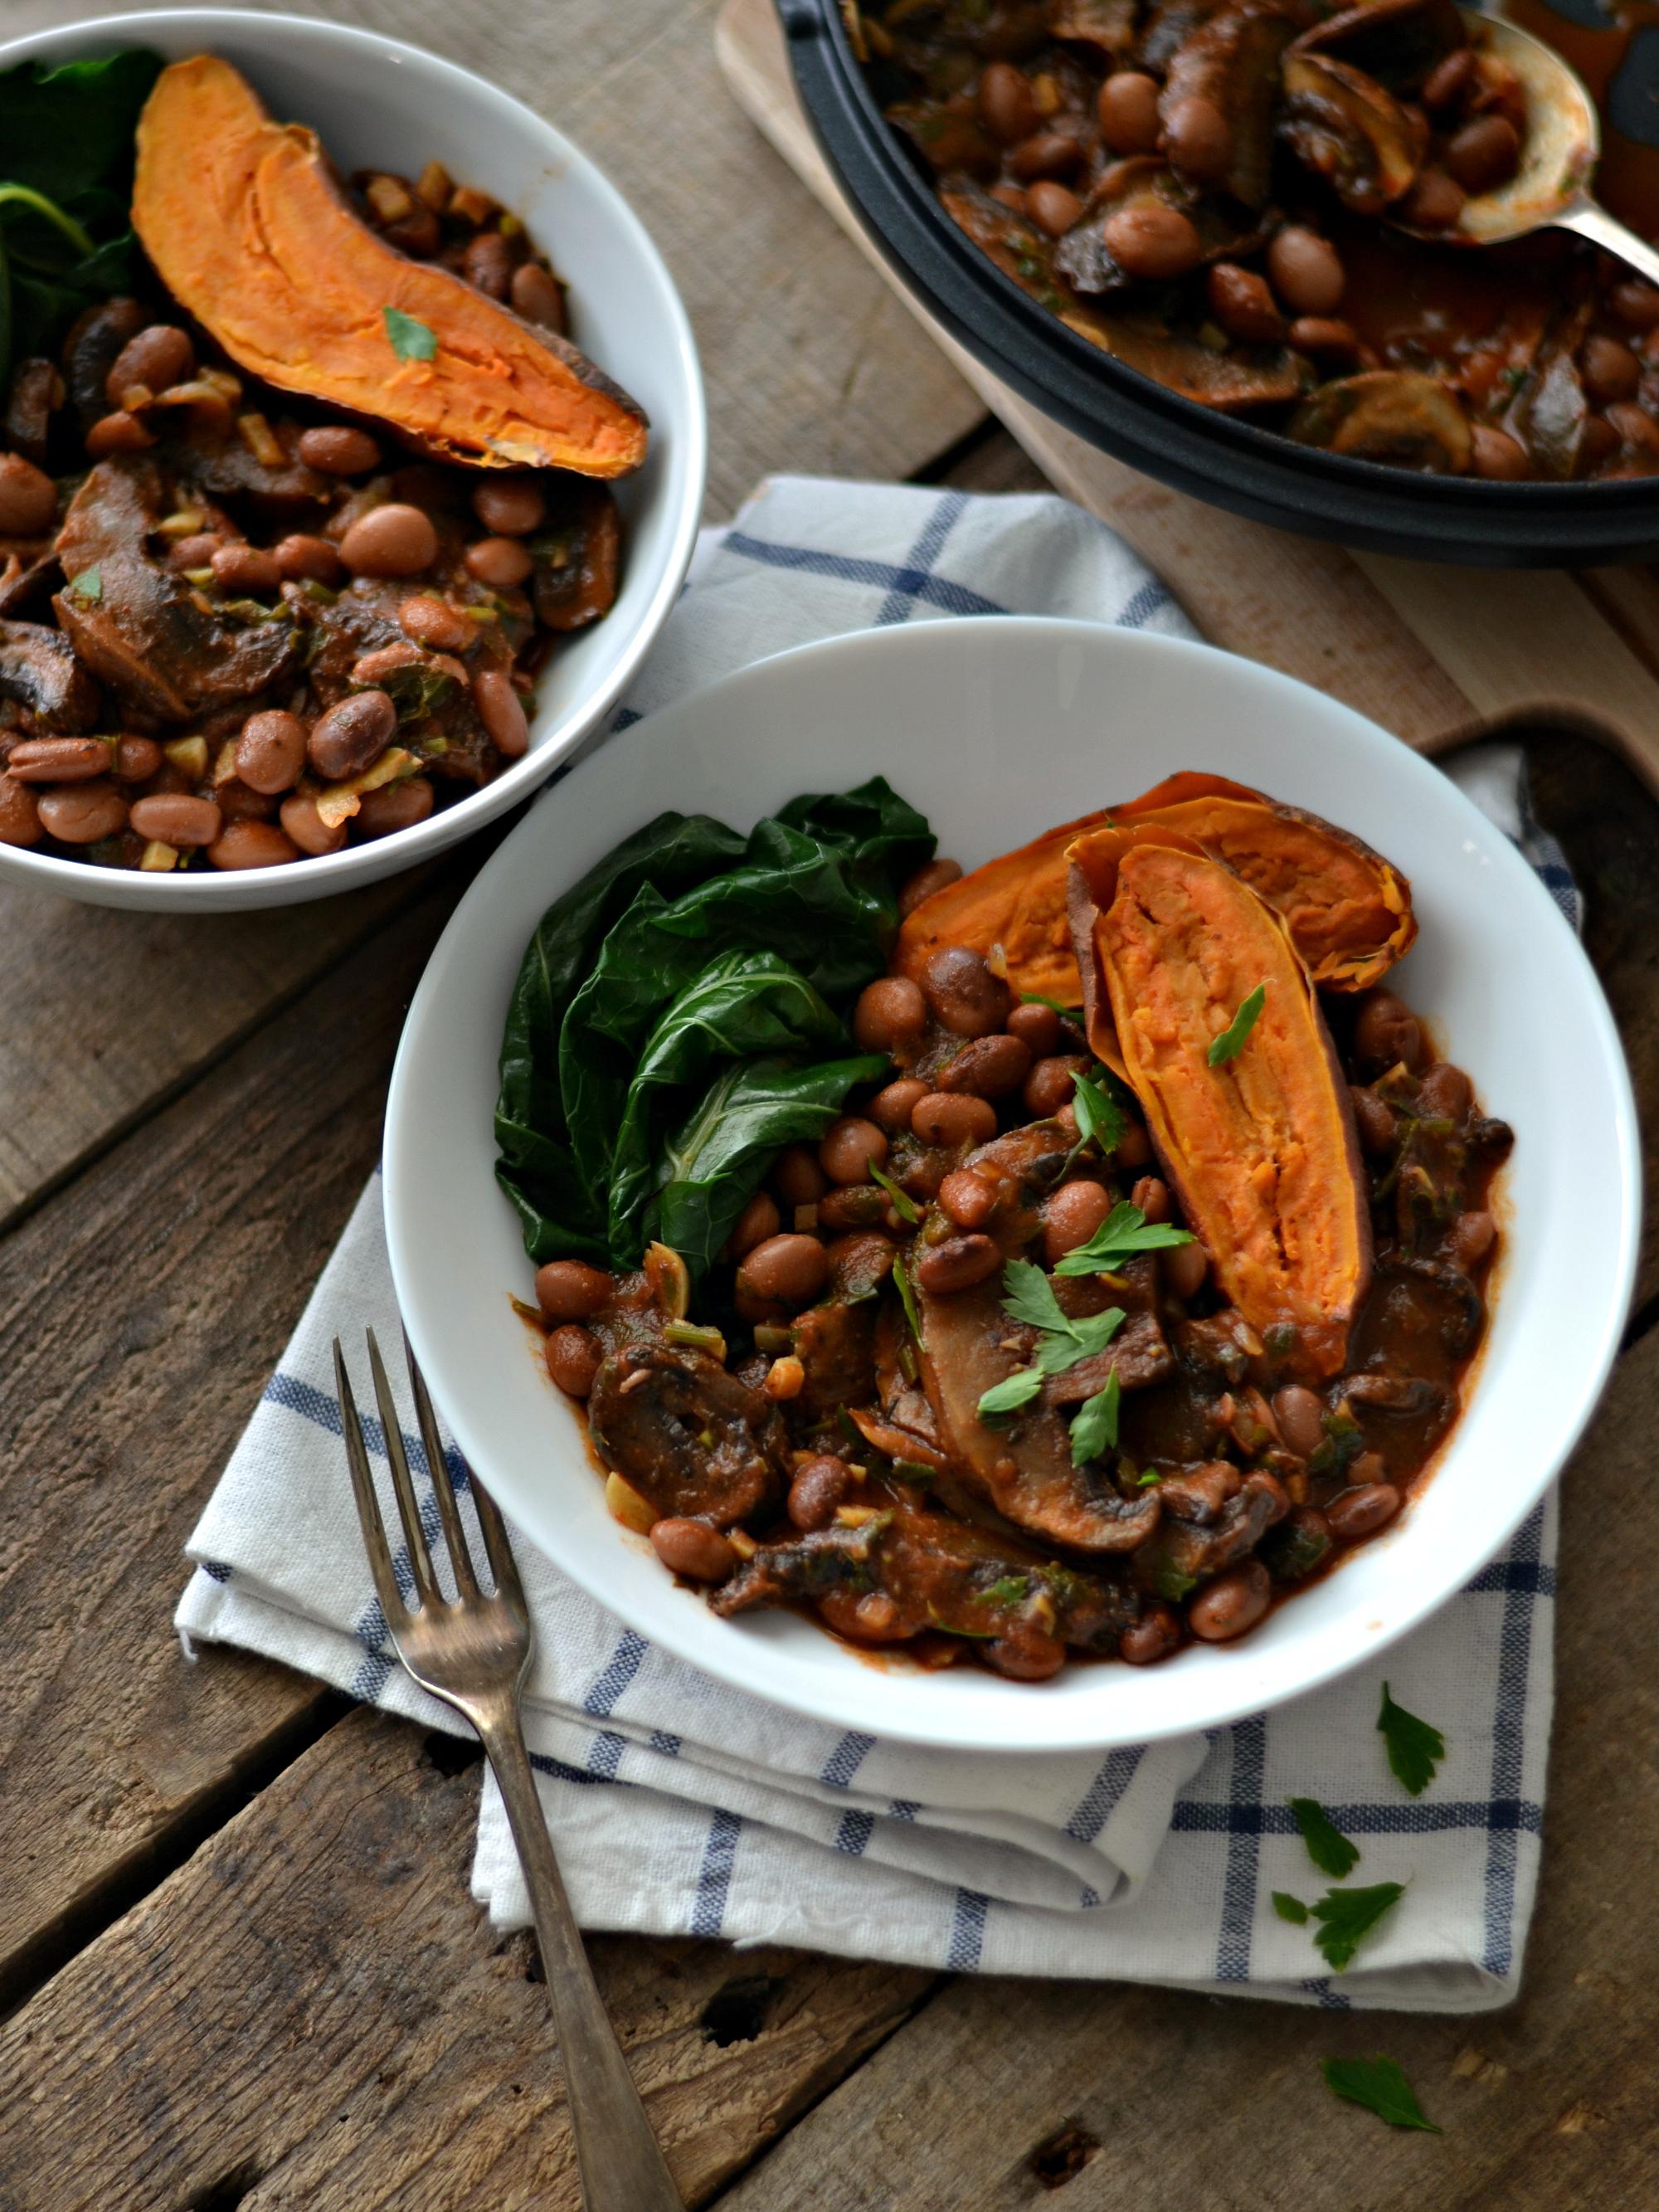 Compassionate Cuisine - Receitas vegetarianas - Feijoada de Feijão Manteiga com Cogumelos e Batata Doce